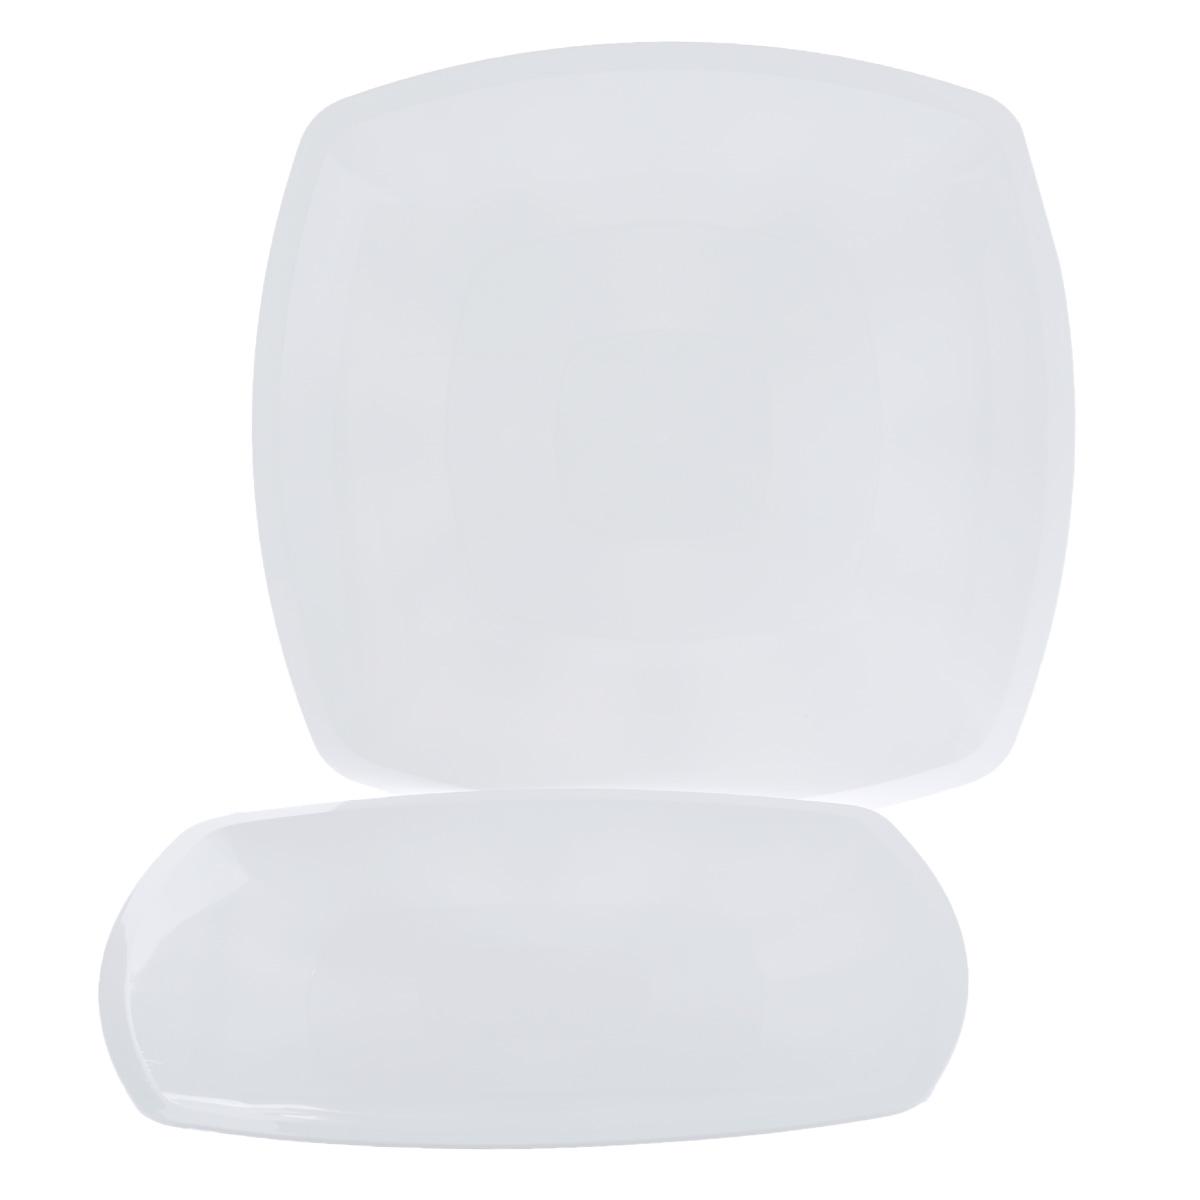 Набор одноразовых тарелок Buffet, цвет: белый, 30 х 30 см, 3 шт4114Набор Buffet состоит из 3 больших тарелок, выполненных из полипропилена и предназначенных для одноразового использования. Тарелки подойдут для различных пищевых продуктов. Одноразовые тарелки будут незаменимы при поездках на природу, пикниках и других мероприятиях. Они не займут много места, легки и самое главное - после использования их не надо мыть. Размер тарелки: 30 см х 30 см. Высота тарелки: 1 см.